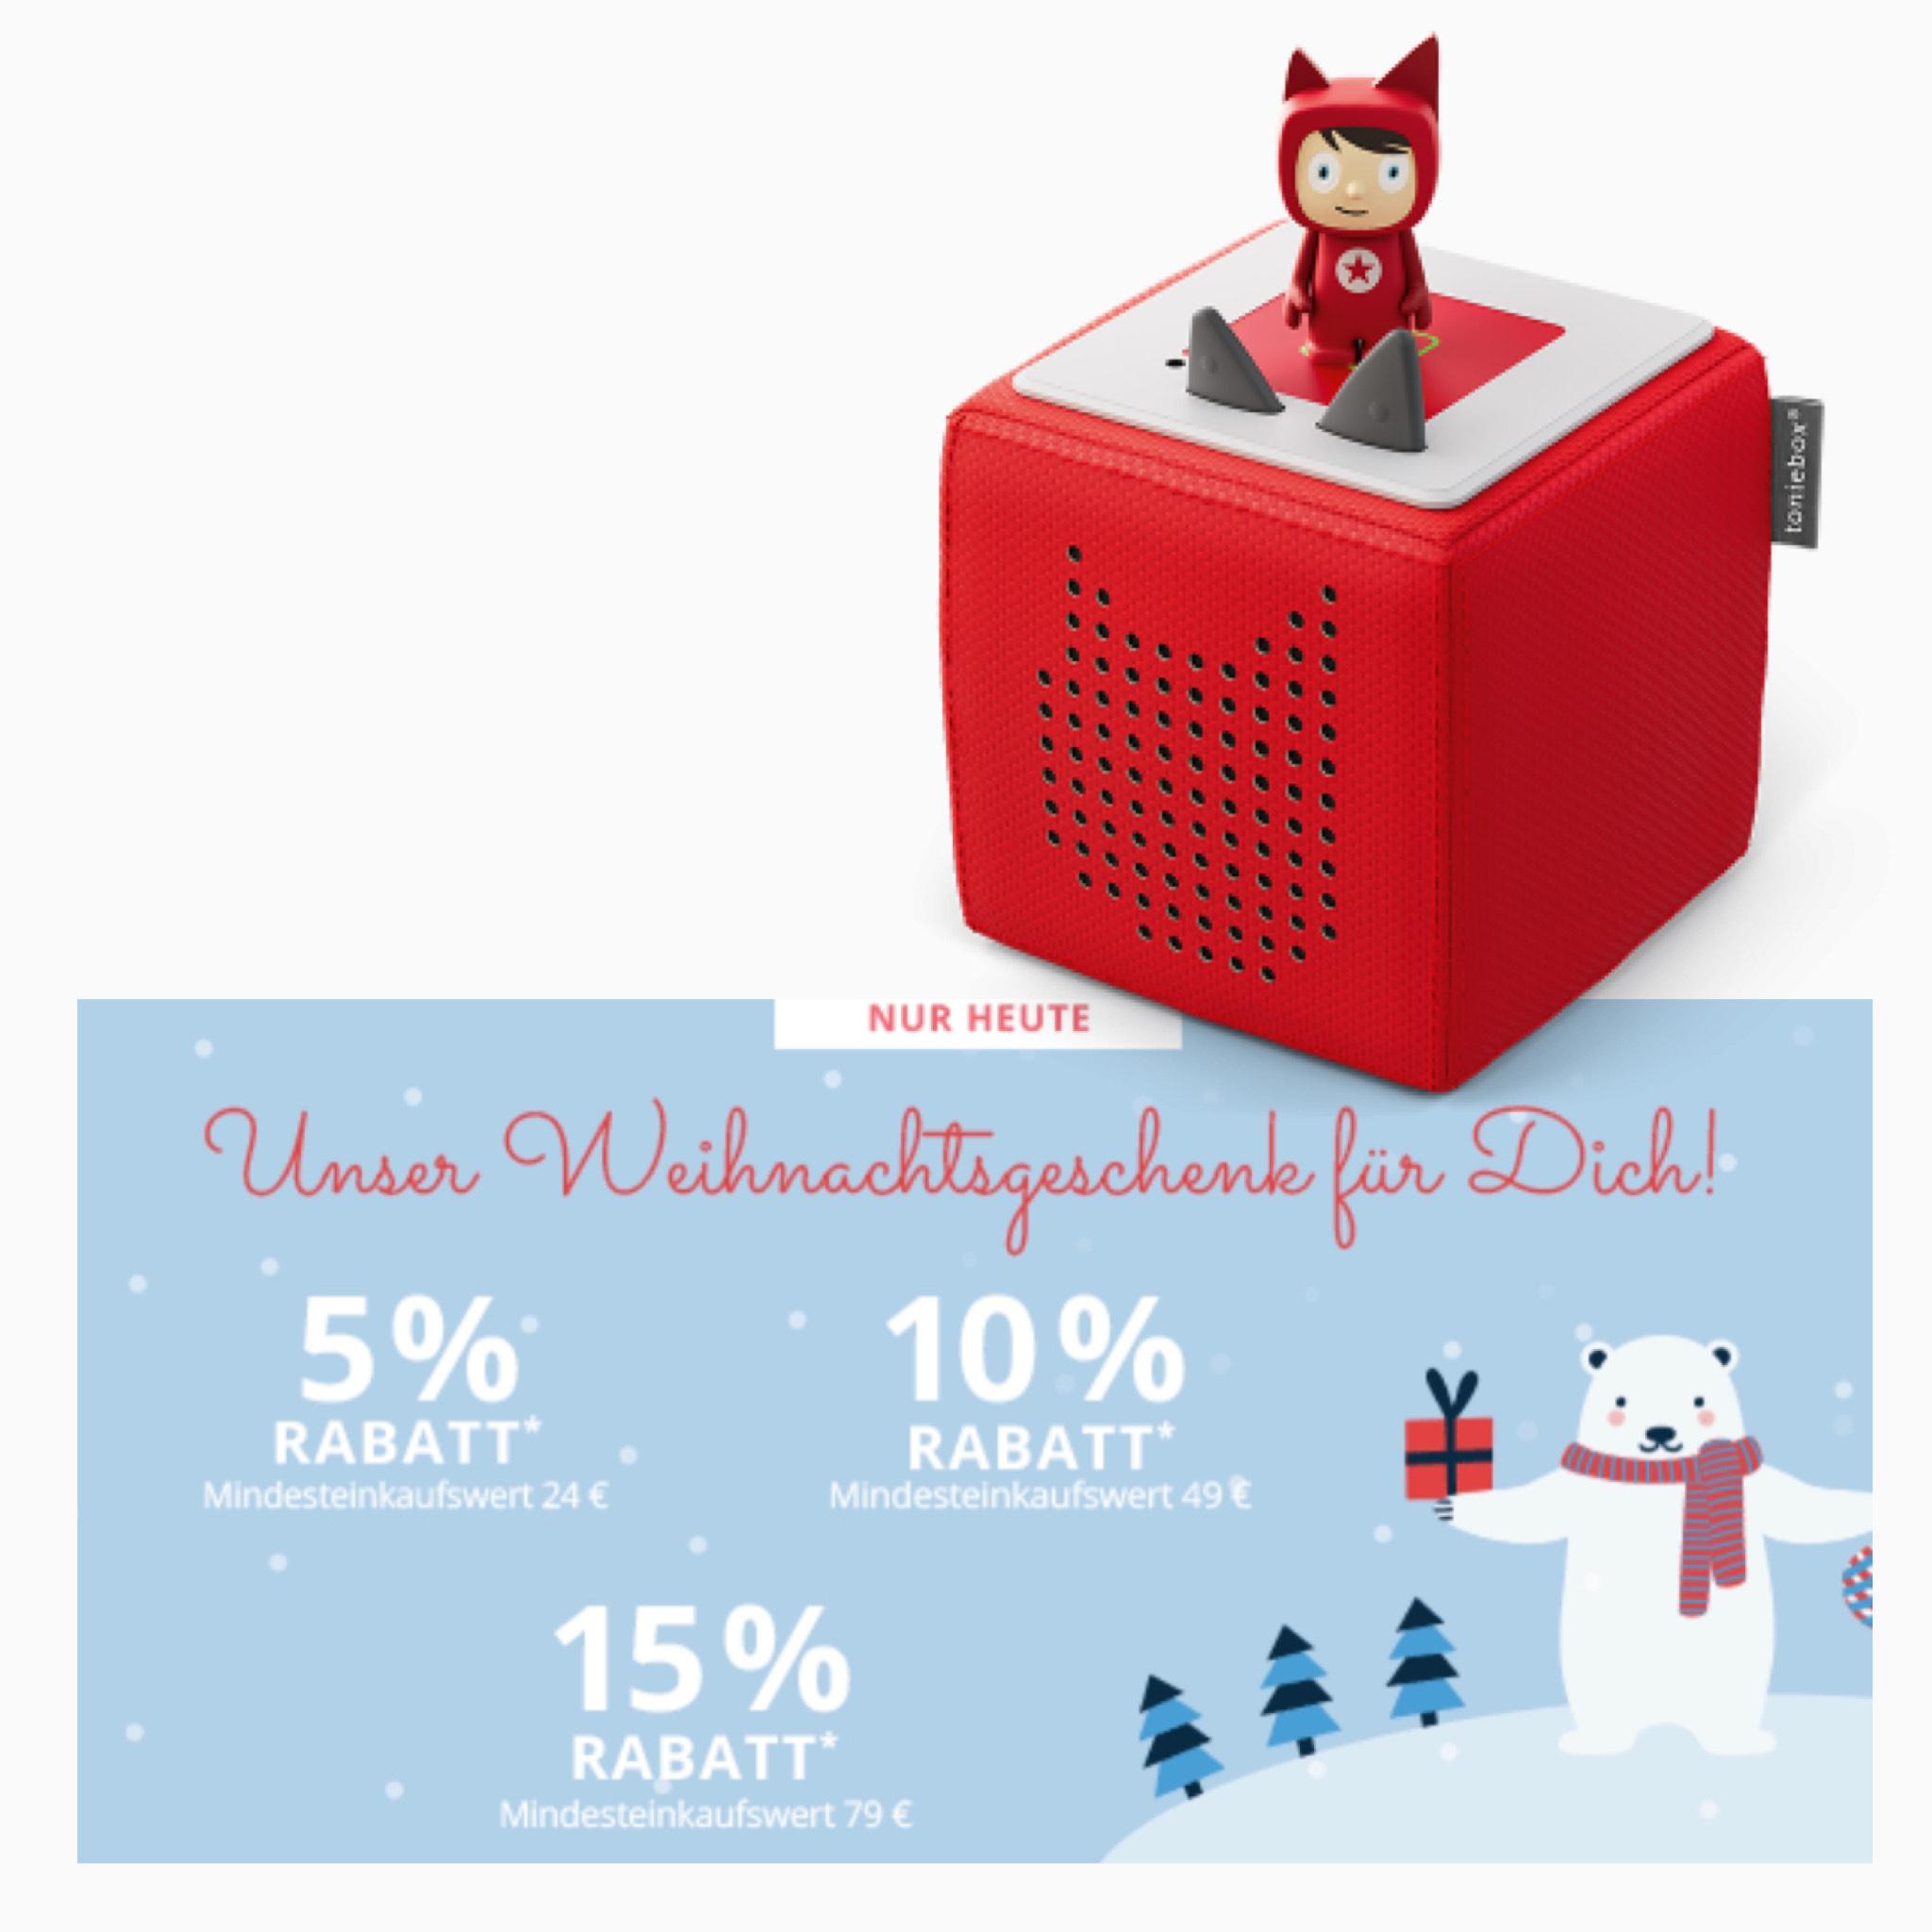 Baby Walz – bis zu 15% Rabatt | z. B. Toniebox für 69,95€ (inkl. Vesand) | Rot, Pink & Beere || [Rabatt gültig für z. B. joie]